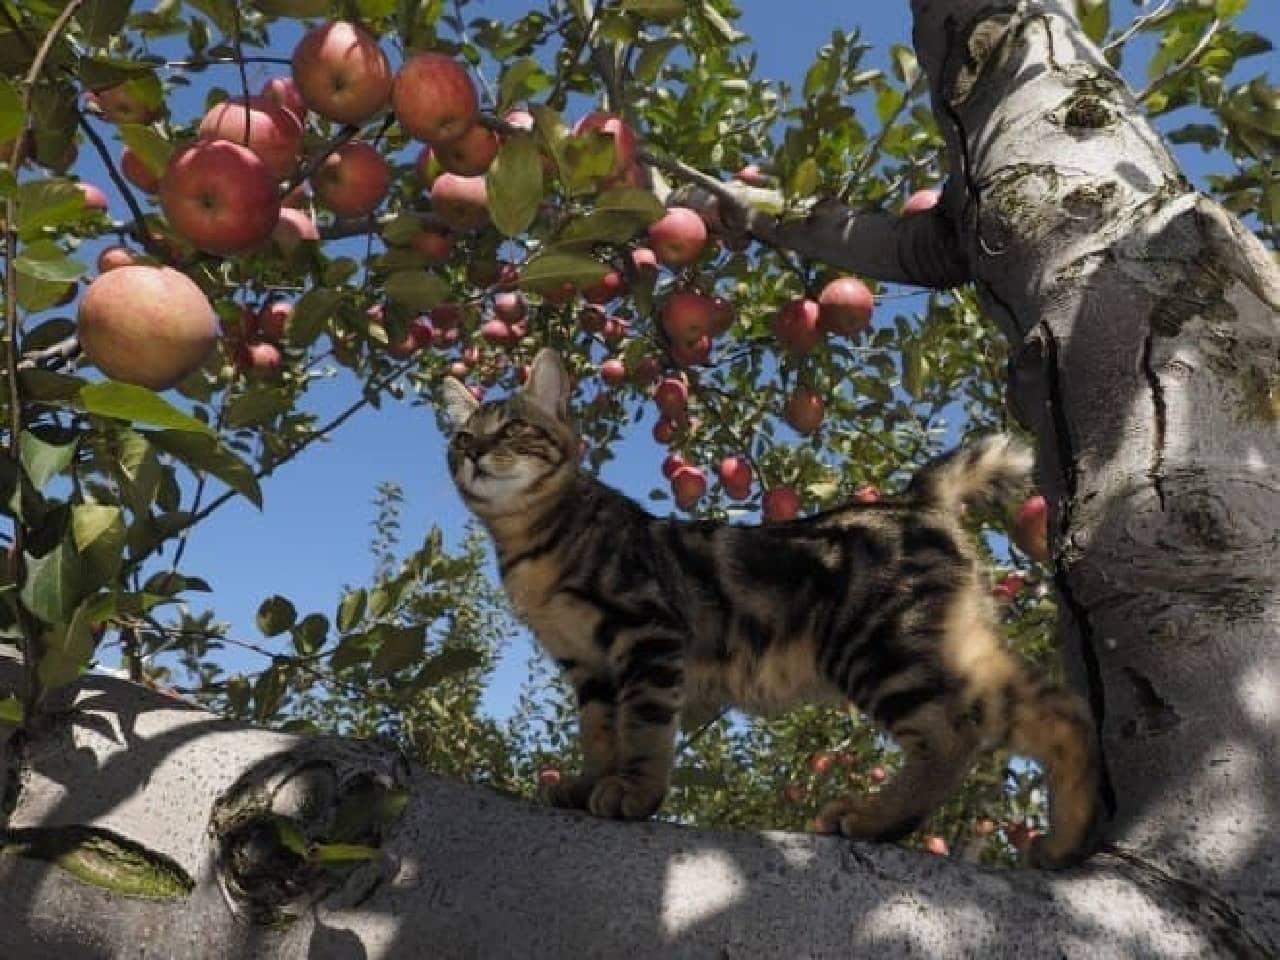 岩合光昭さんの写真展「ふるさとのねこ」秋:赤いリンゴと透き通る青い空